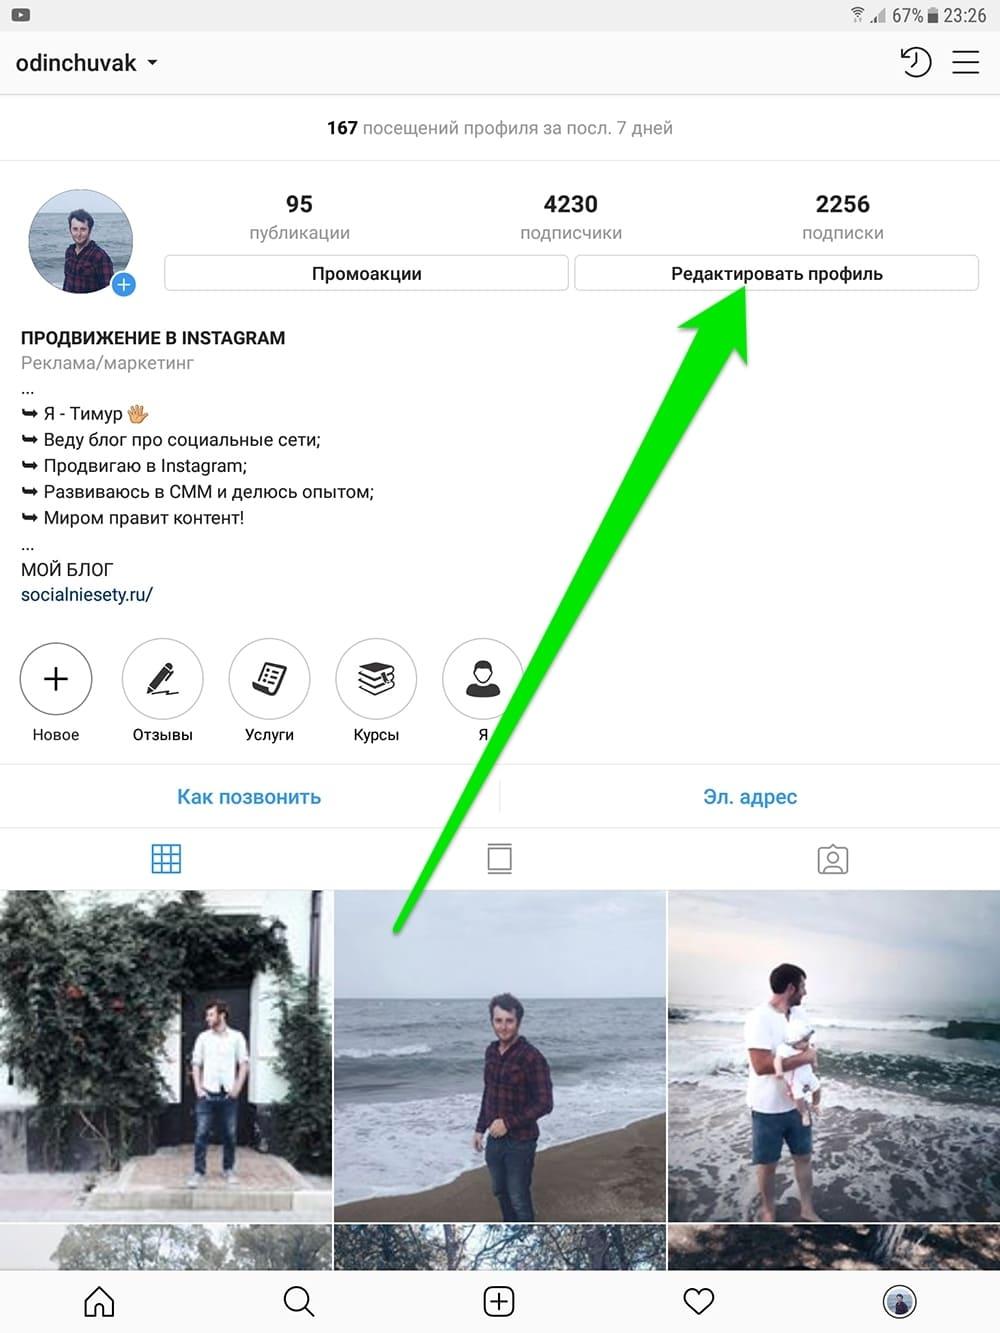 как узнать где сделана фотография в инстаграме огурцов